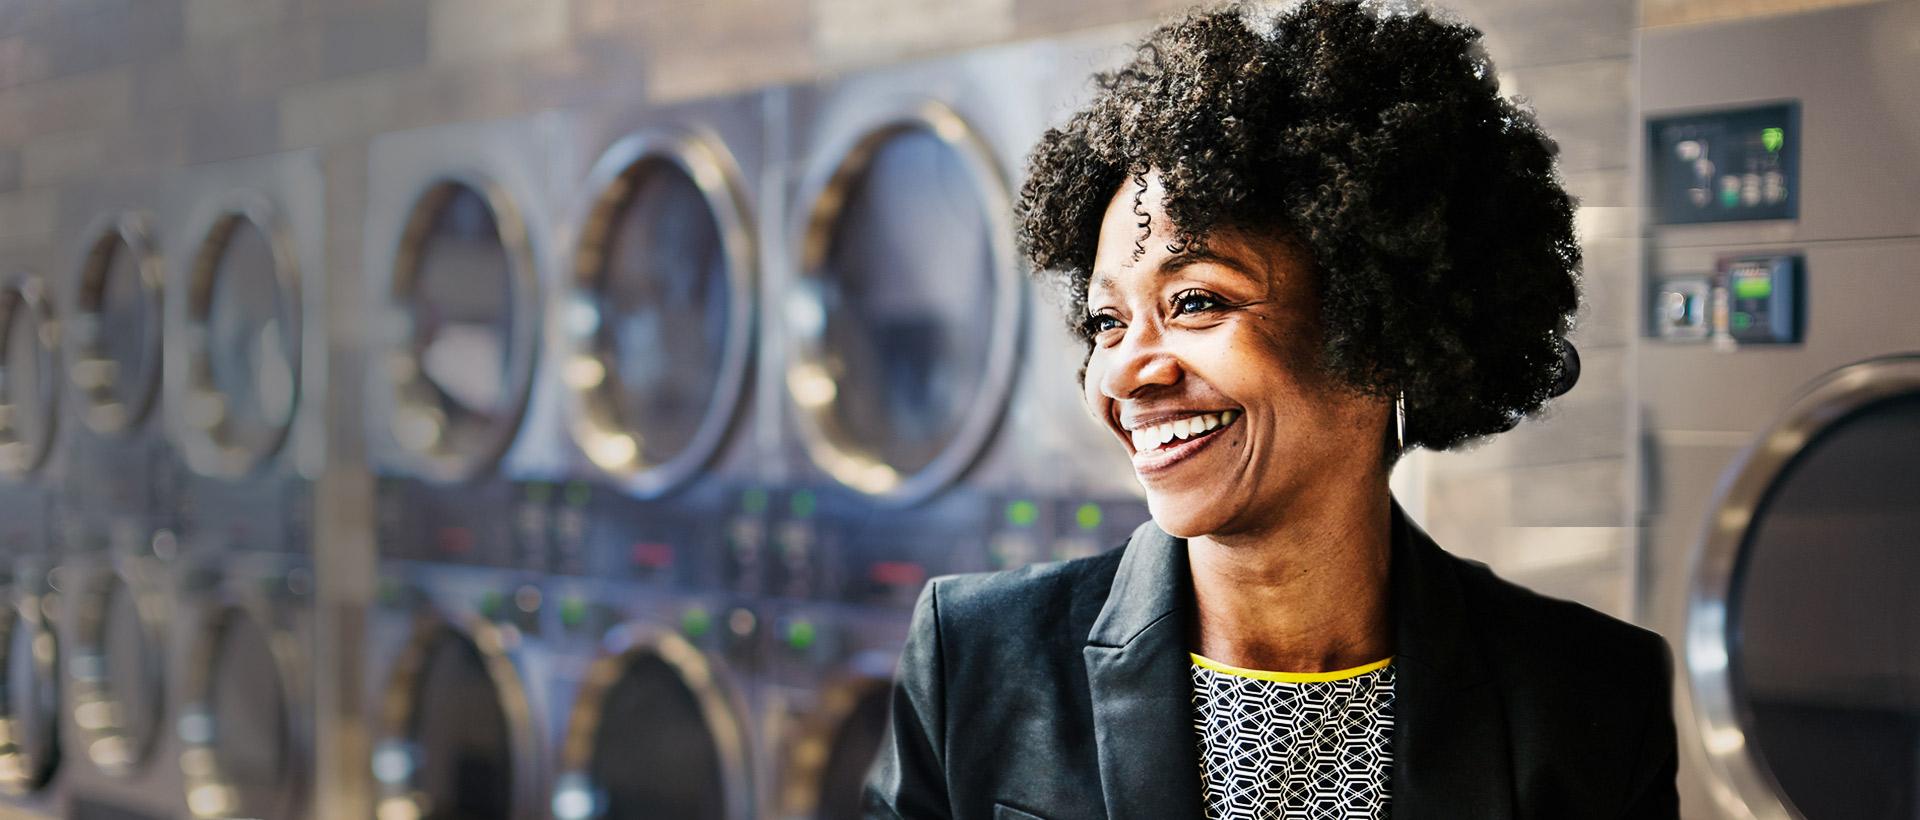 ¿Por qué invertir en lavanderías?